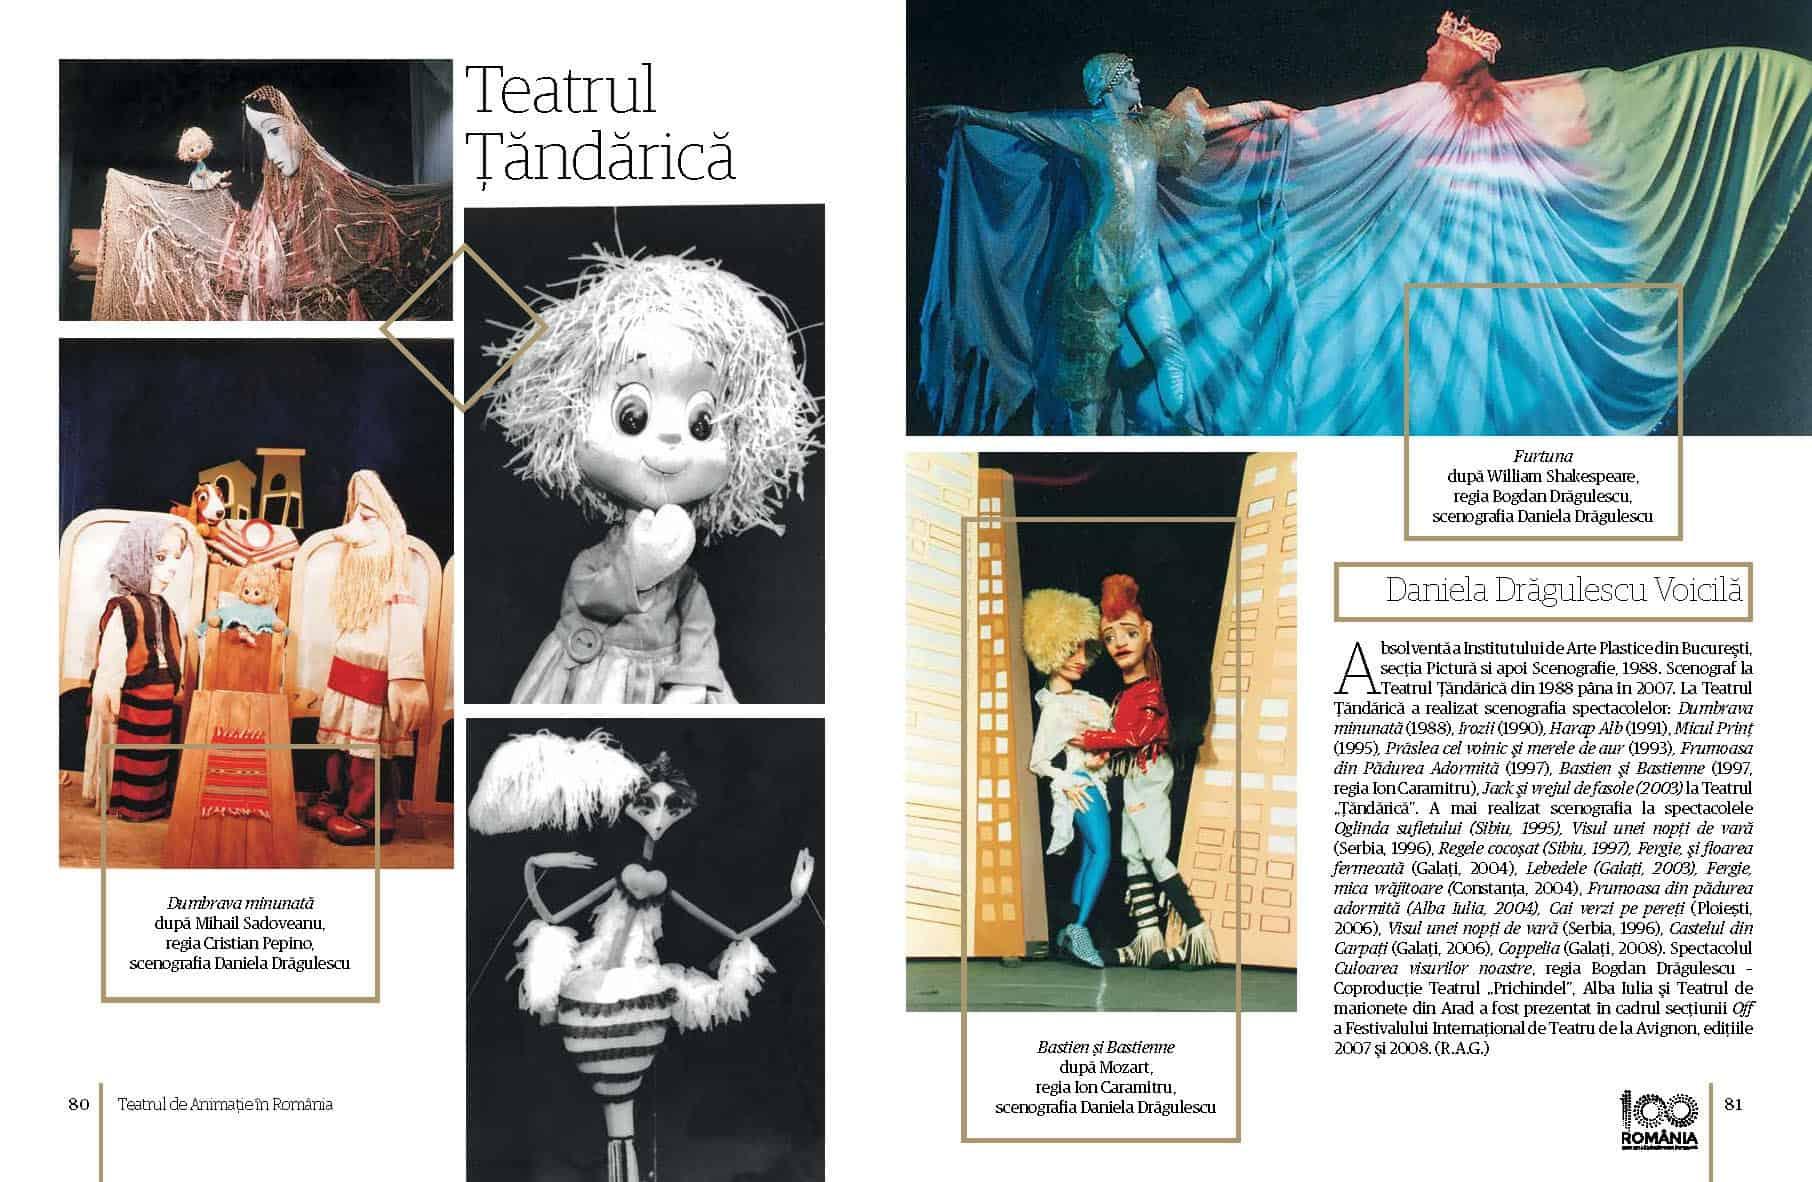 Album Teatrul de Animatie in Romania final preview fata in fata Page 41